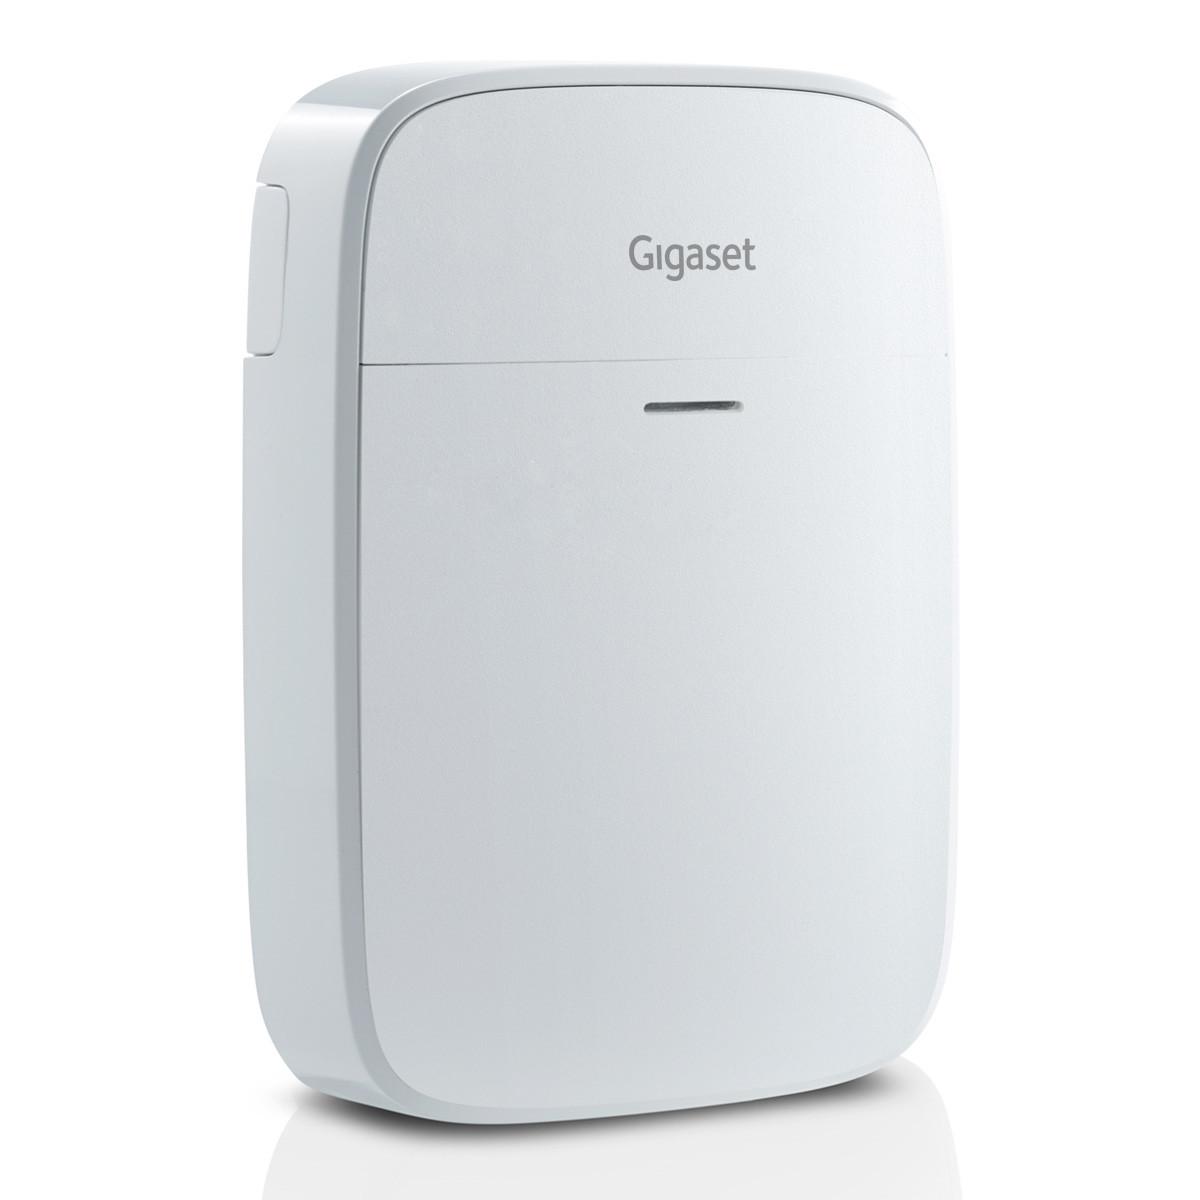 Gigaset Motion Sensor ONE X (Pack of 3)